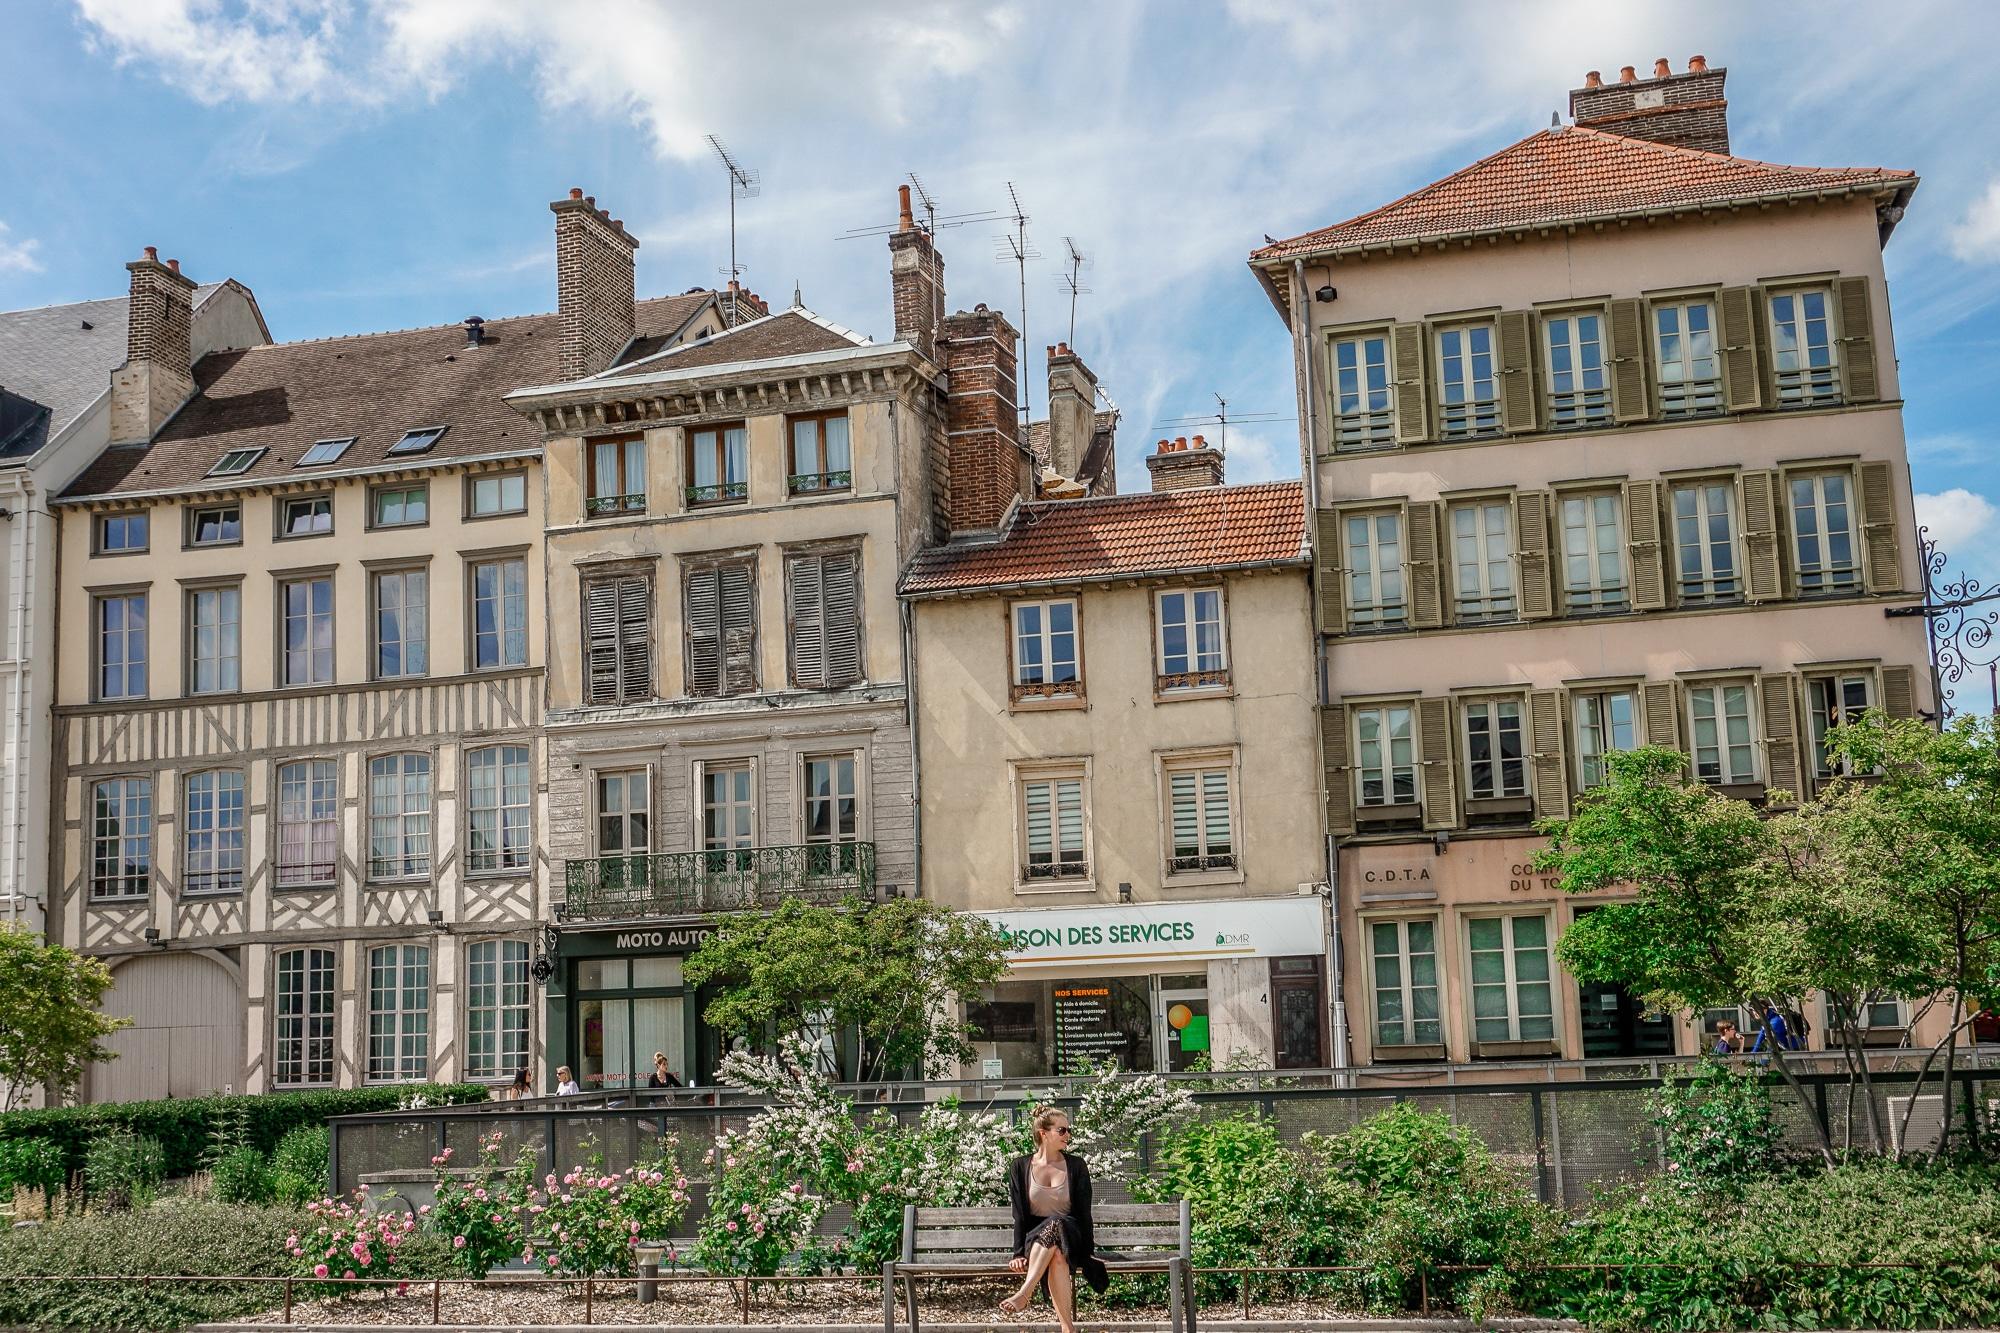 Frankreich Genussreise: Savoir Vivre, Wein und die schönsten Unterkünfte